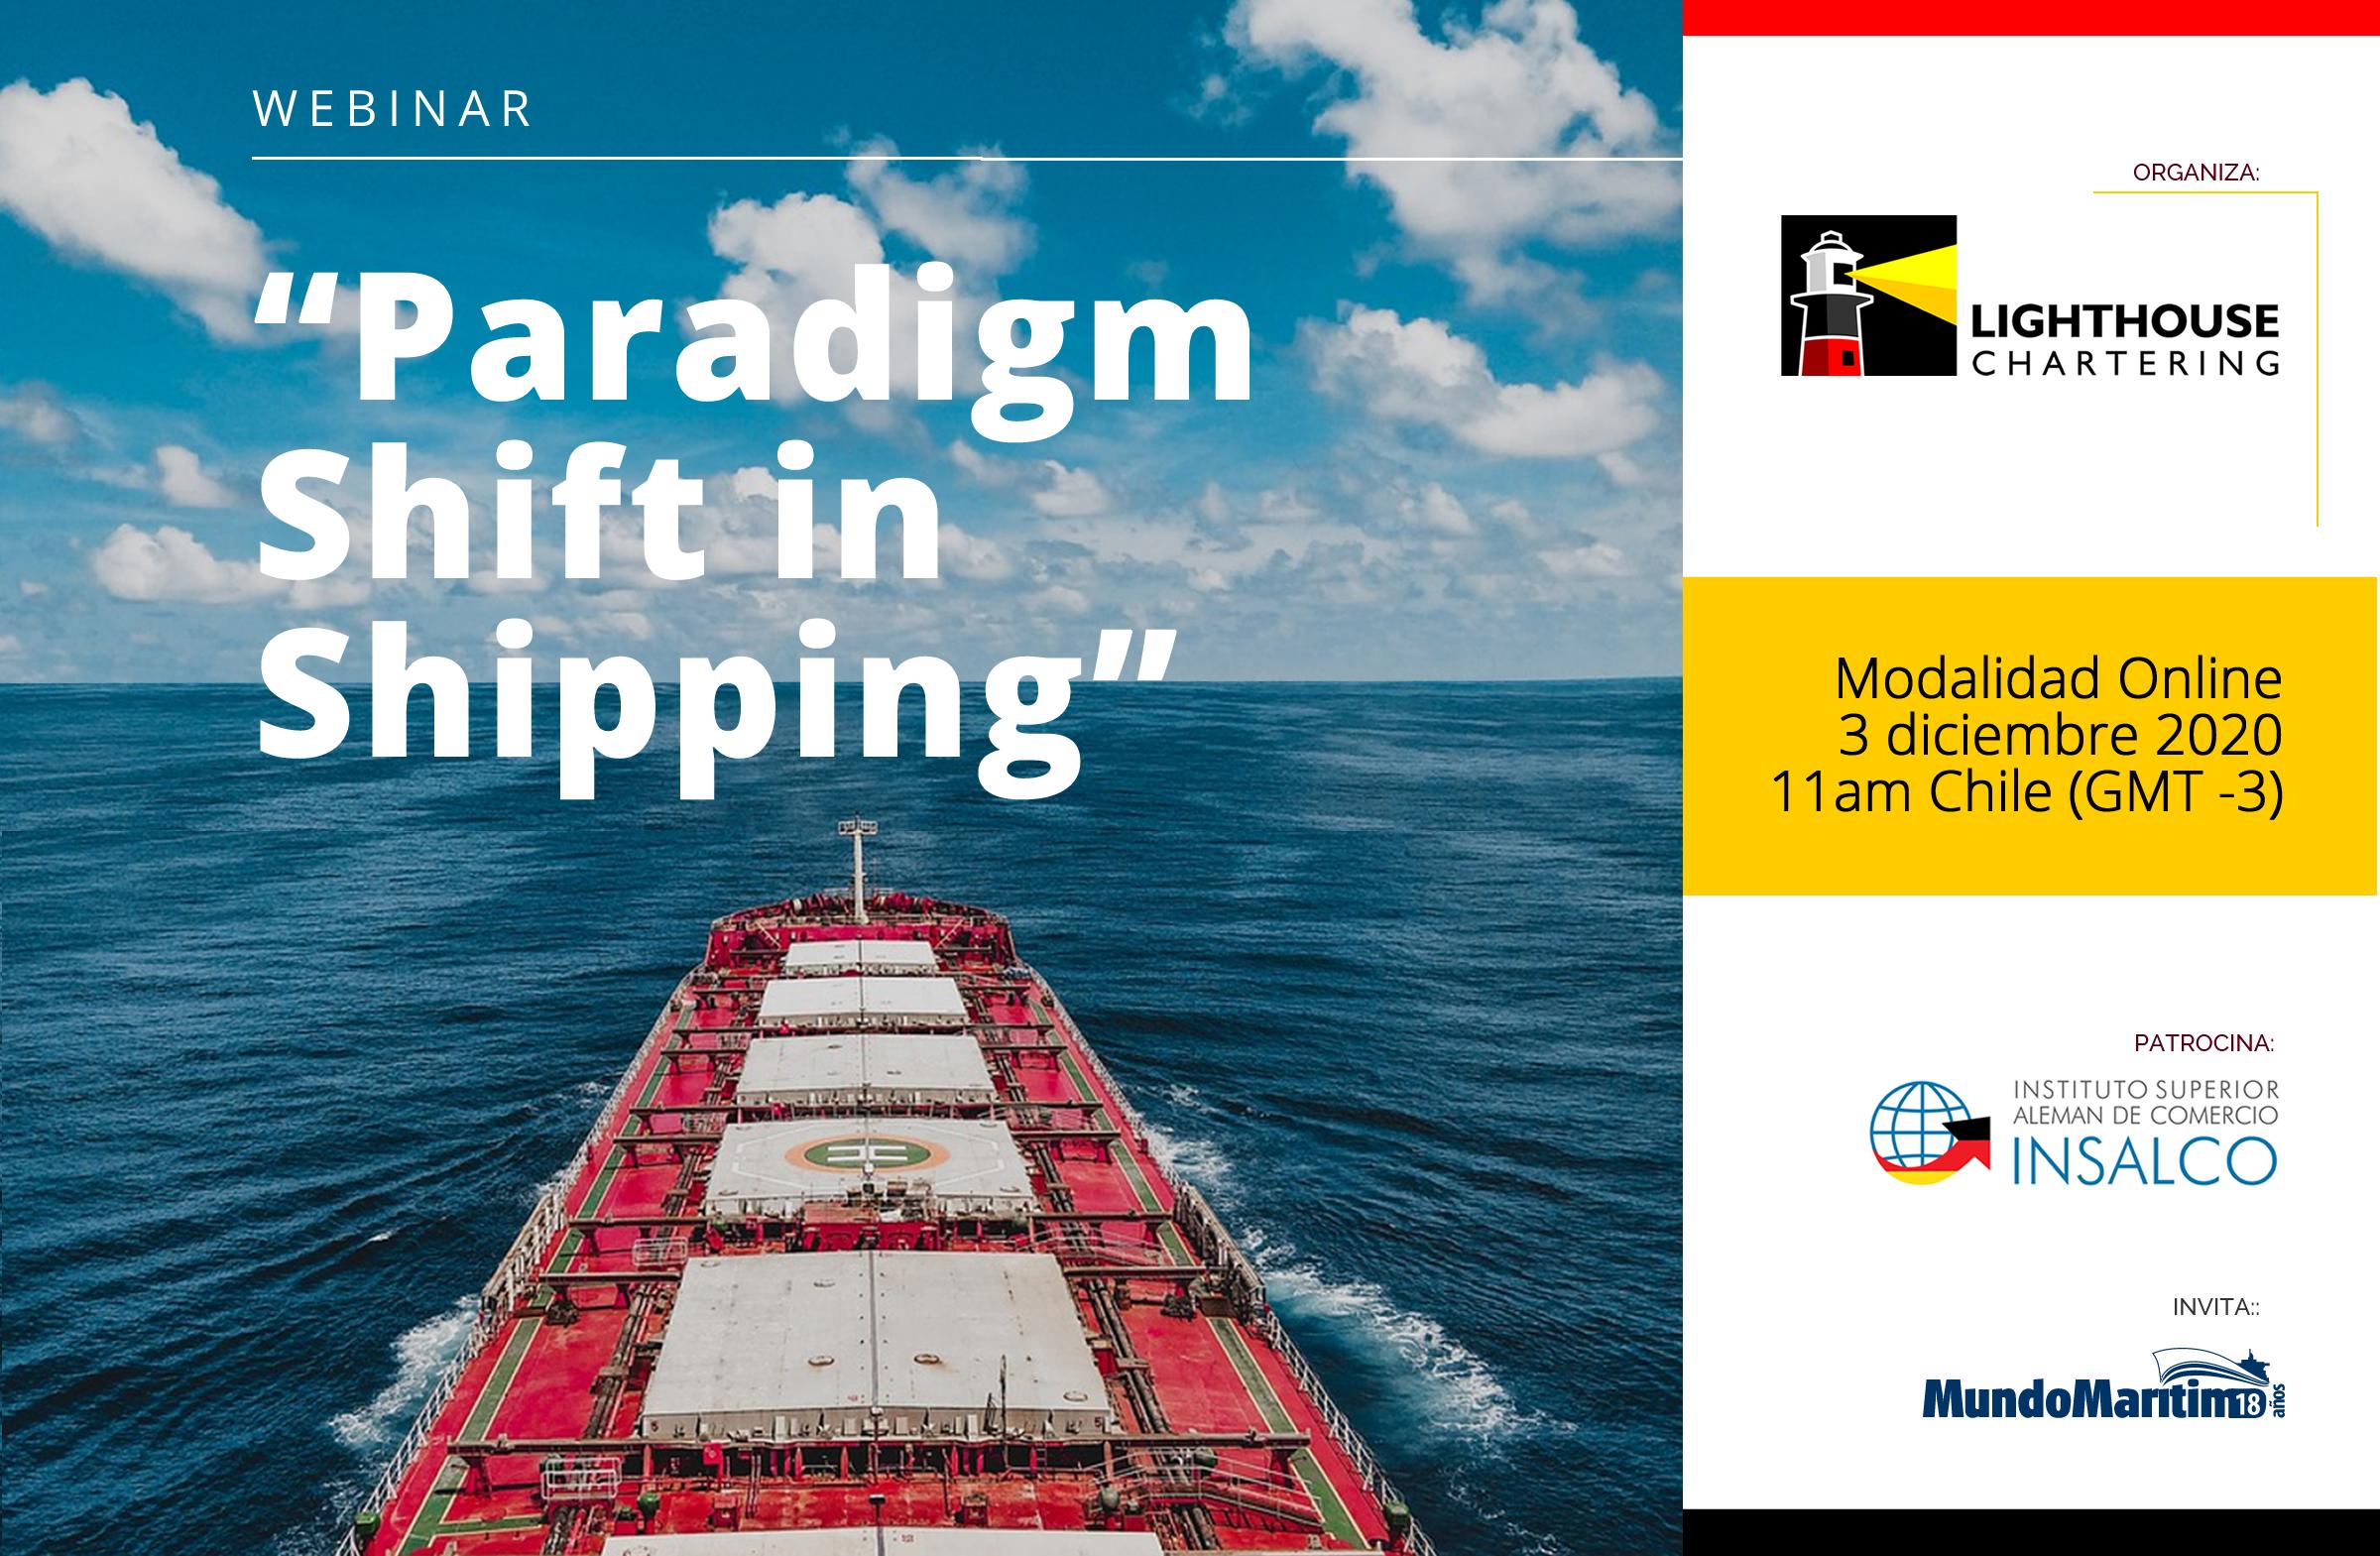 Paradigm Shift in Shipping